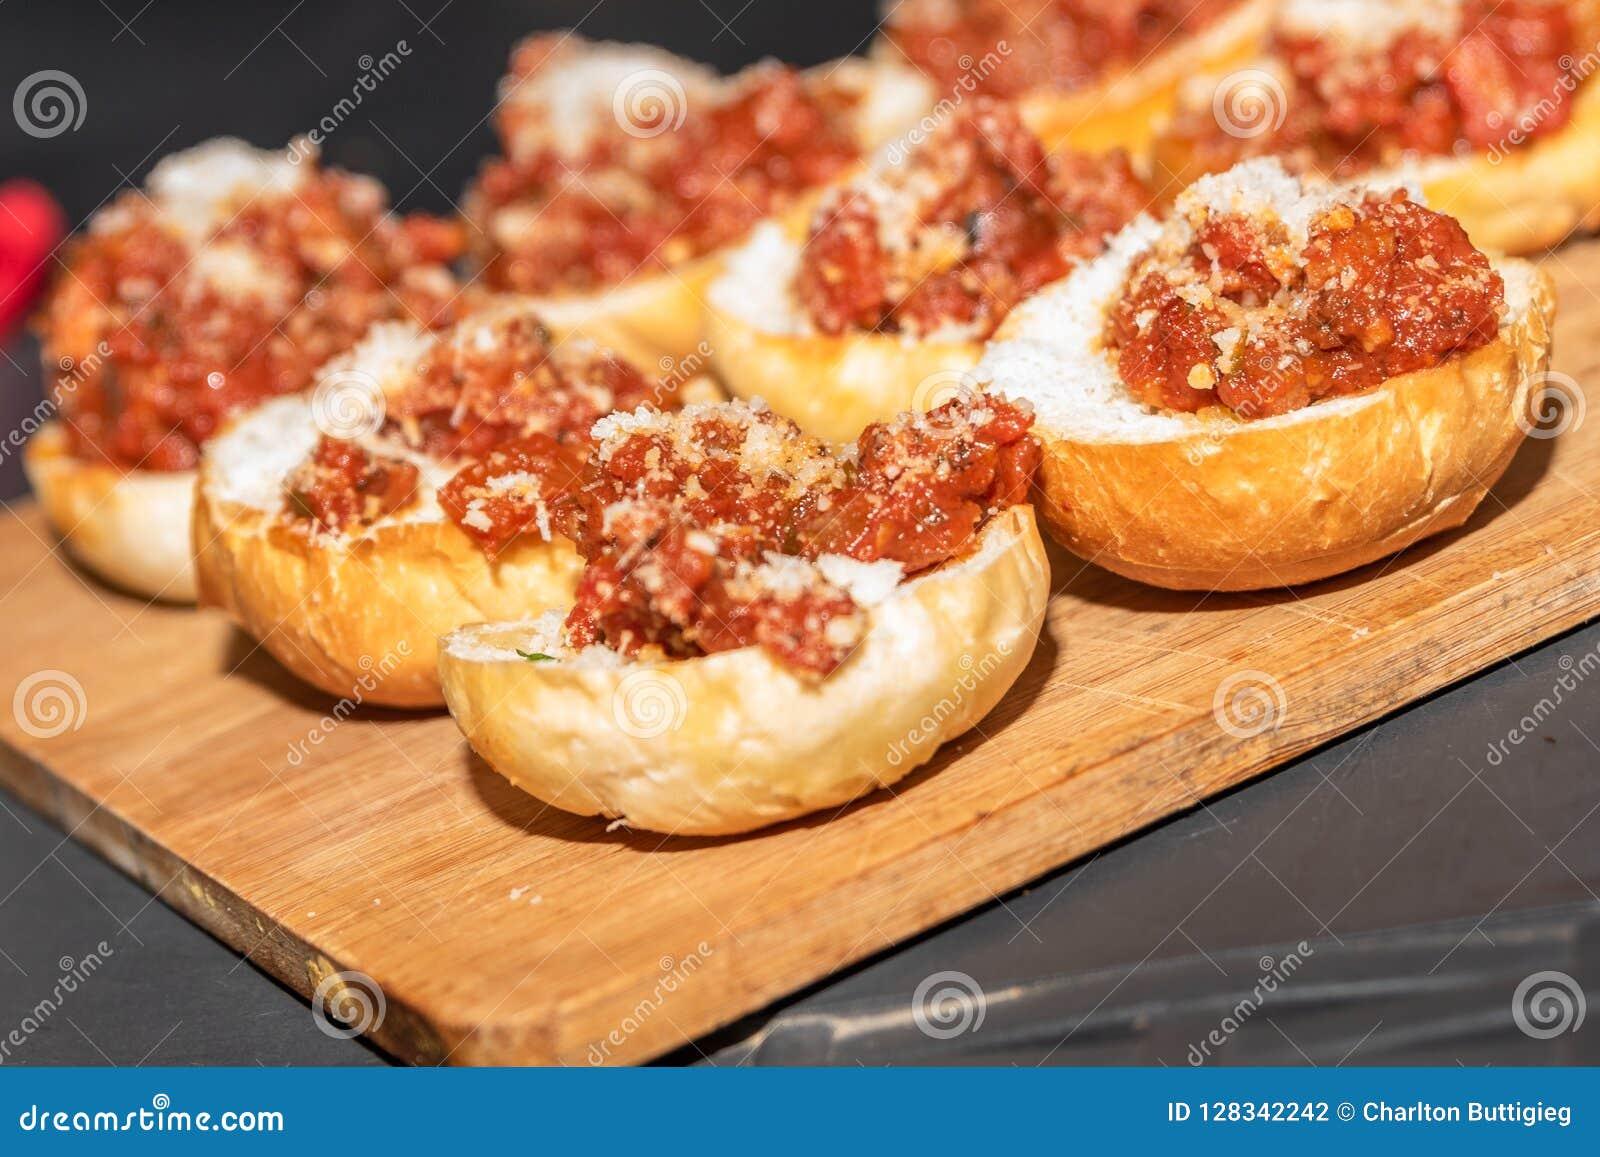 Chleb z pomidorami